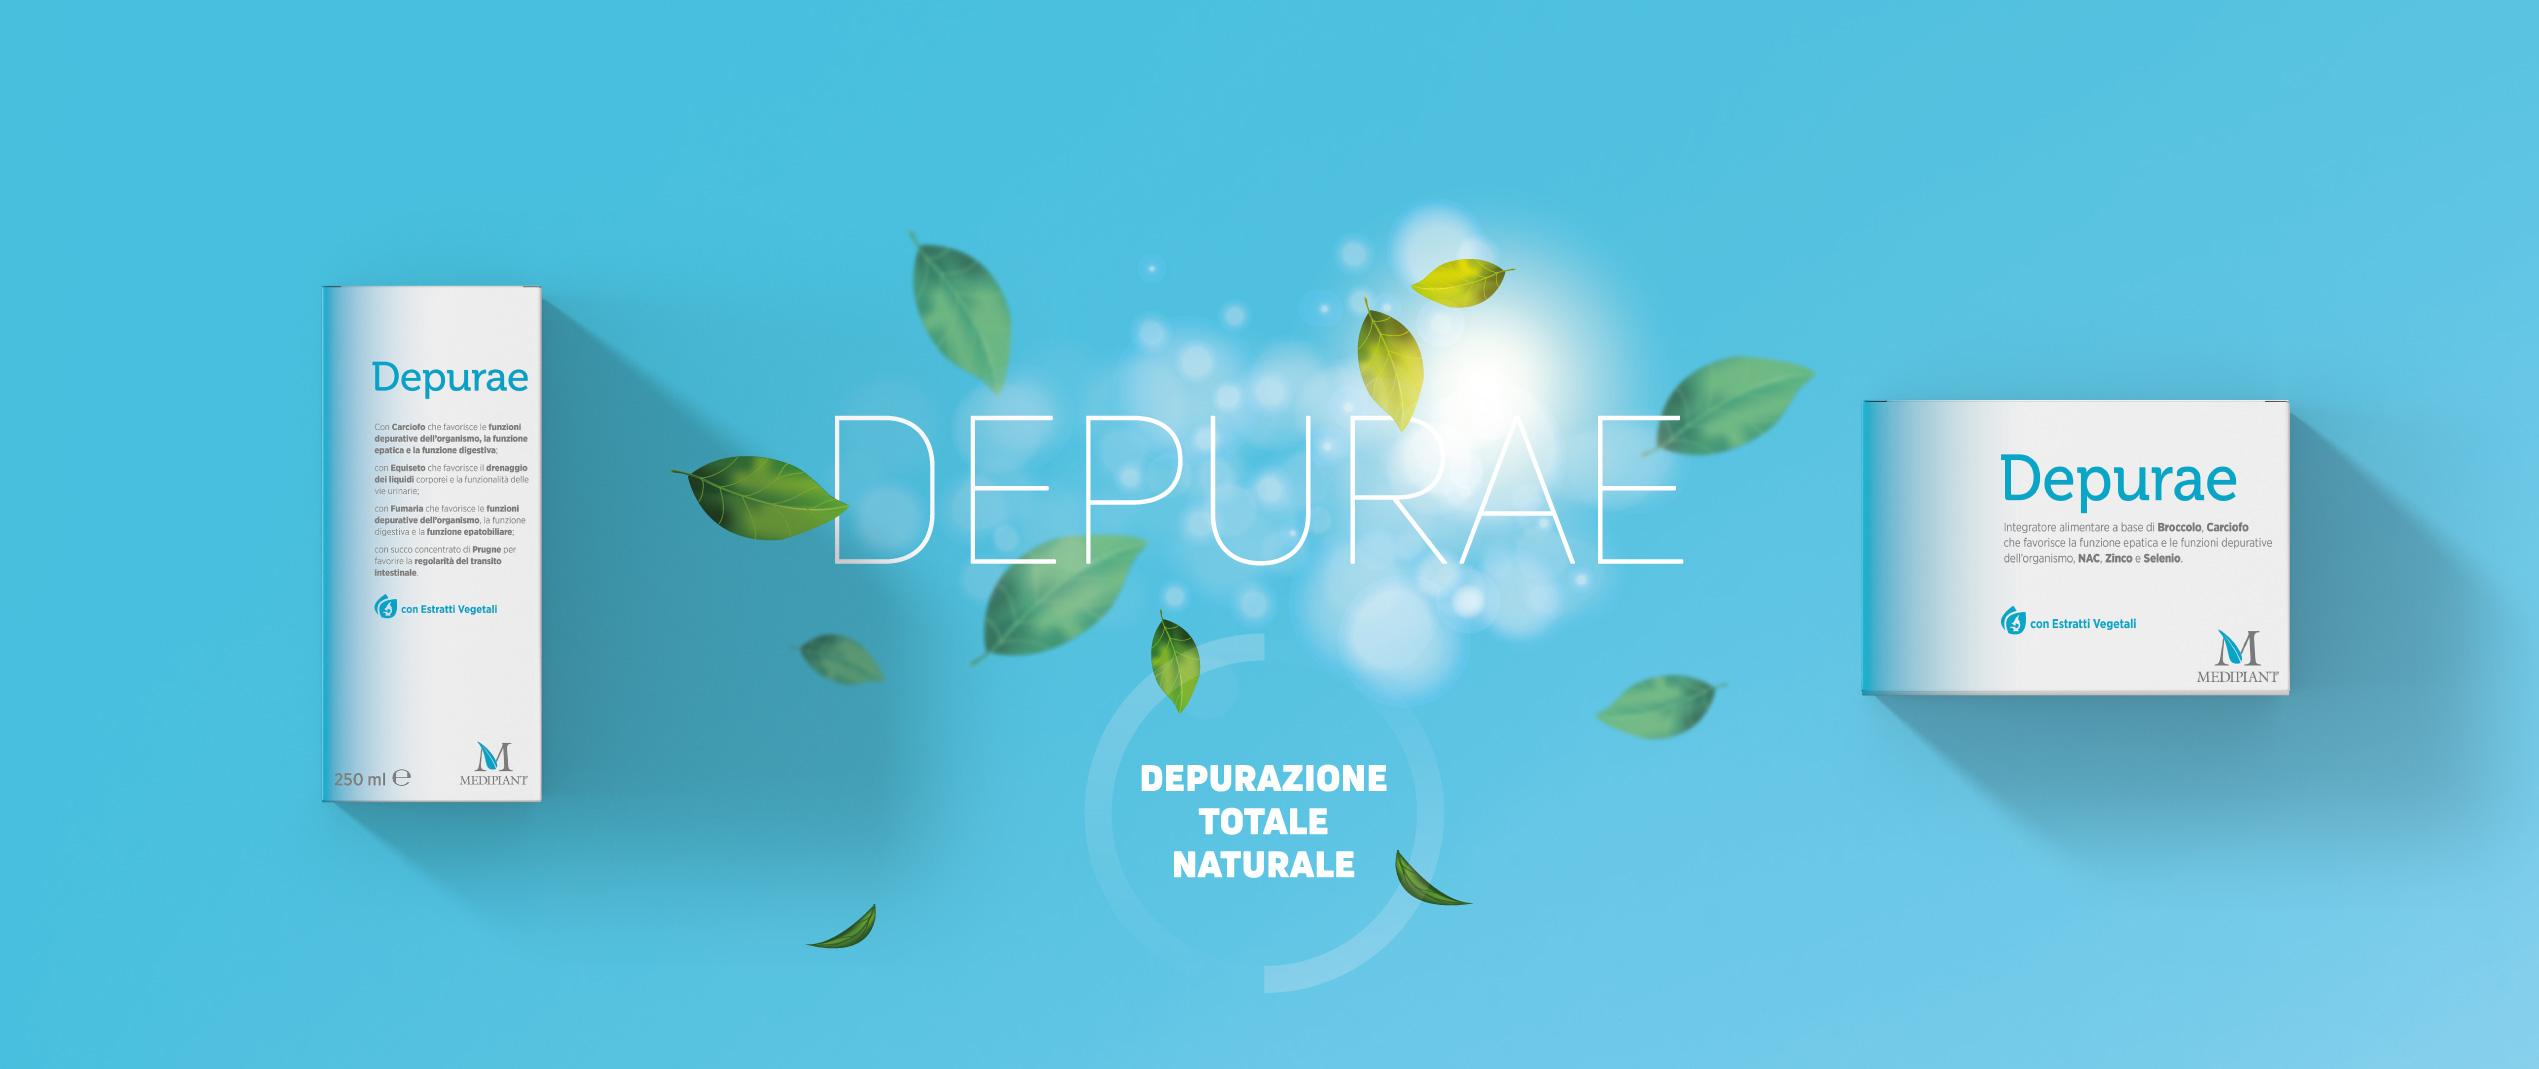 Depurae